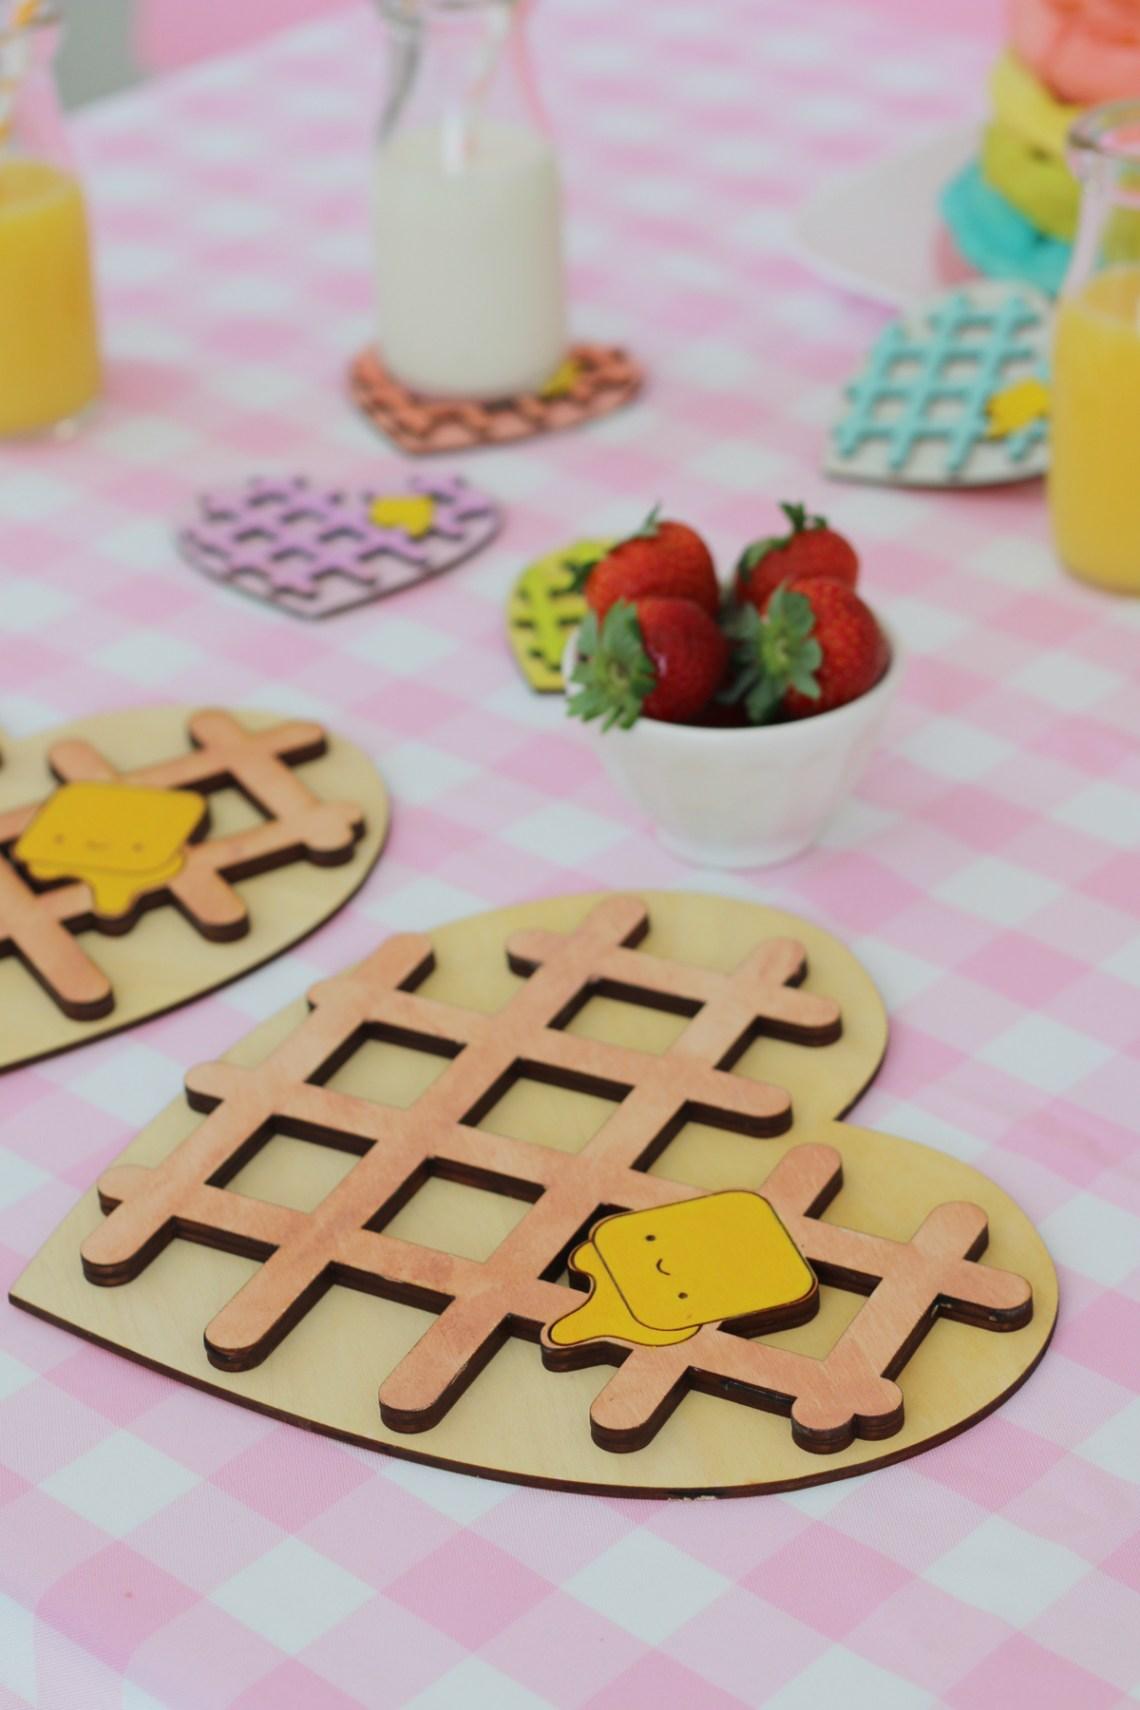 Kawaii Heart Shaped waffle trivet and coaster with rainbow waffle stack. So cute